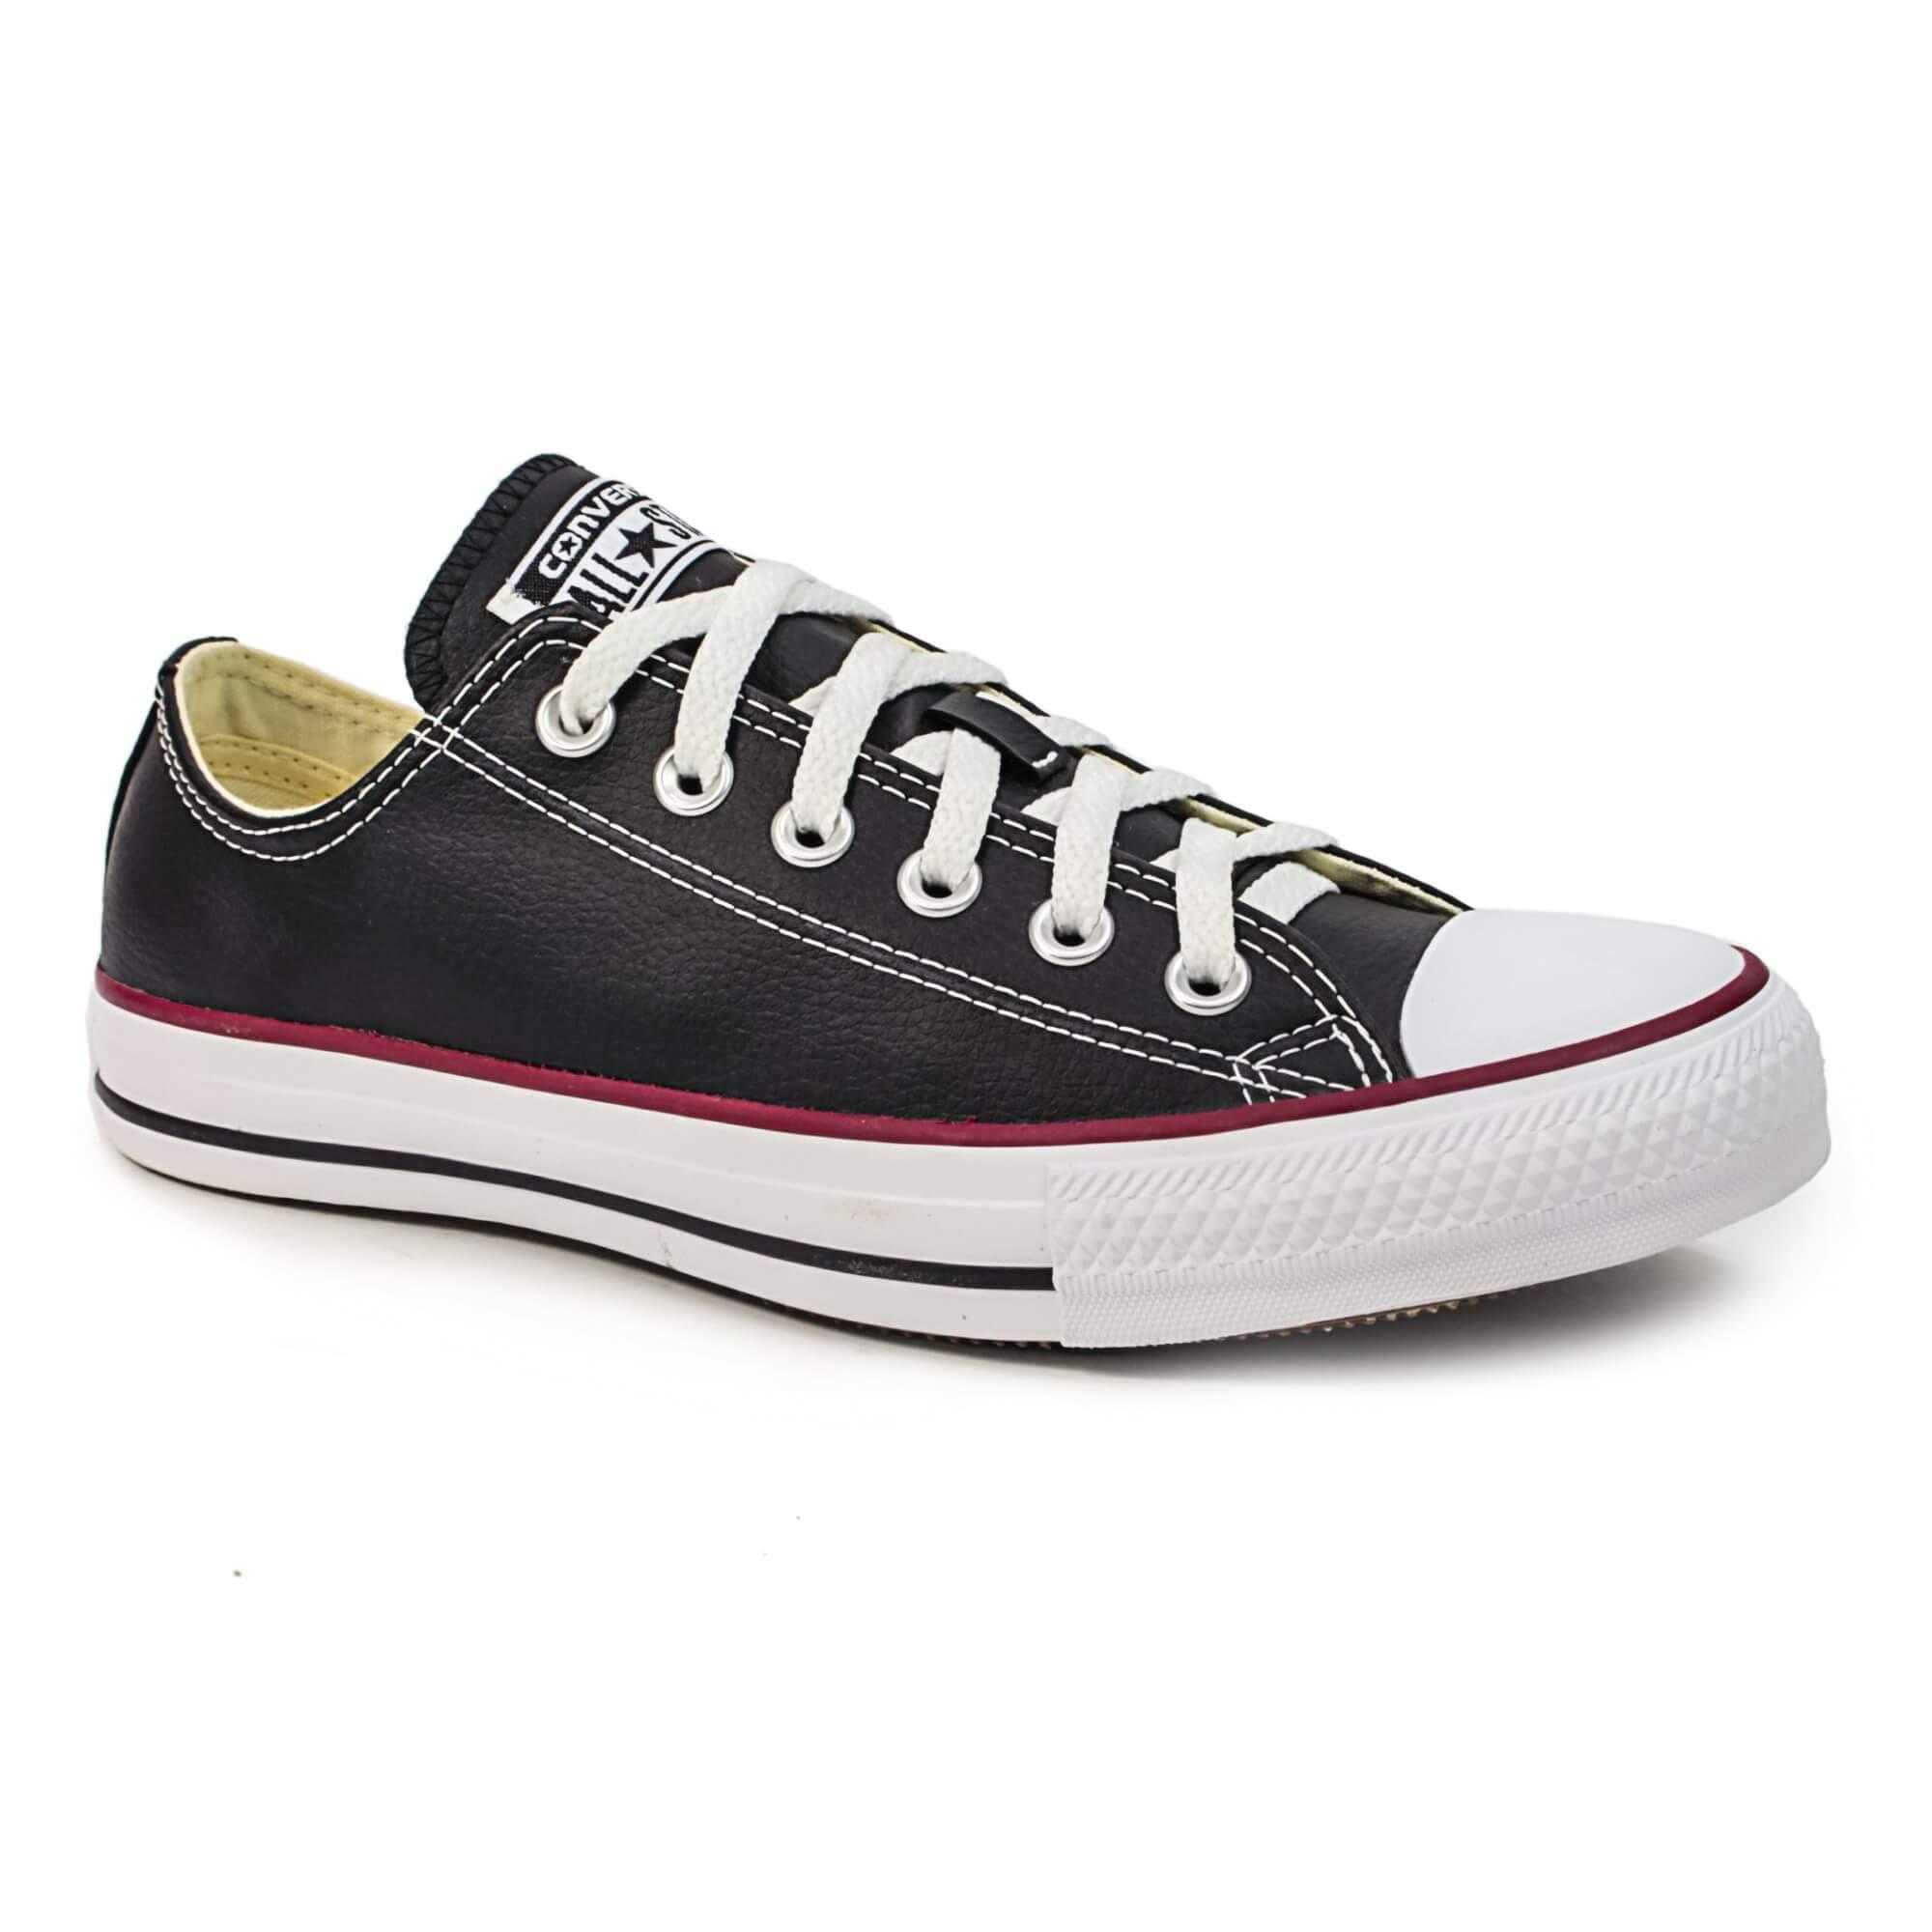 9f300c72cfb Converse - Compre calçados Converse All Star